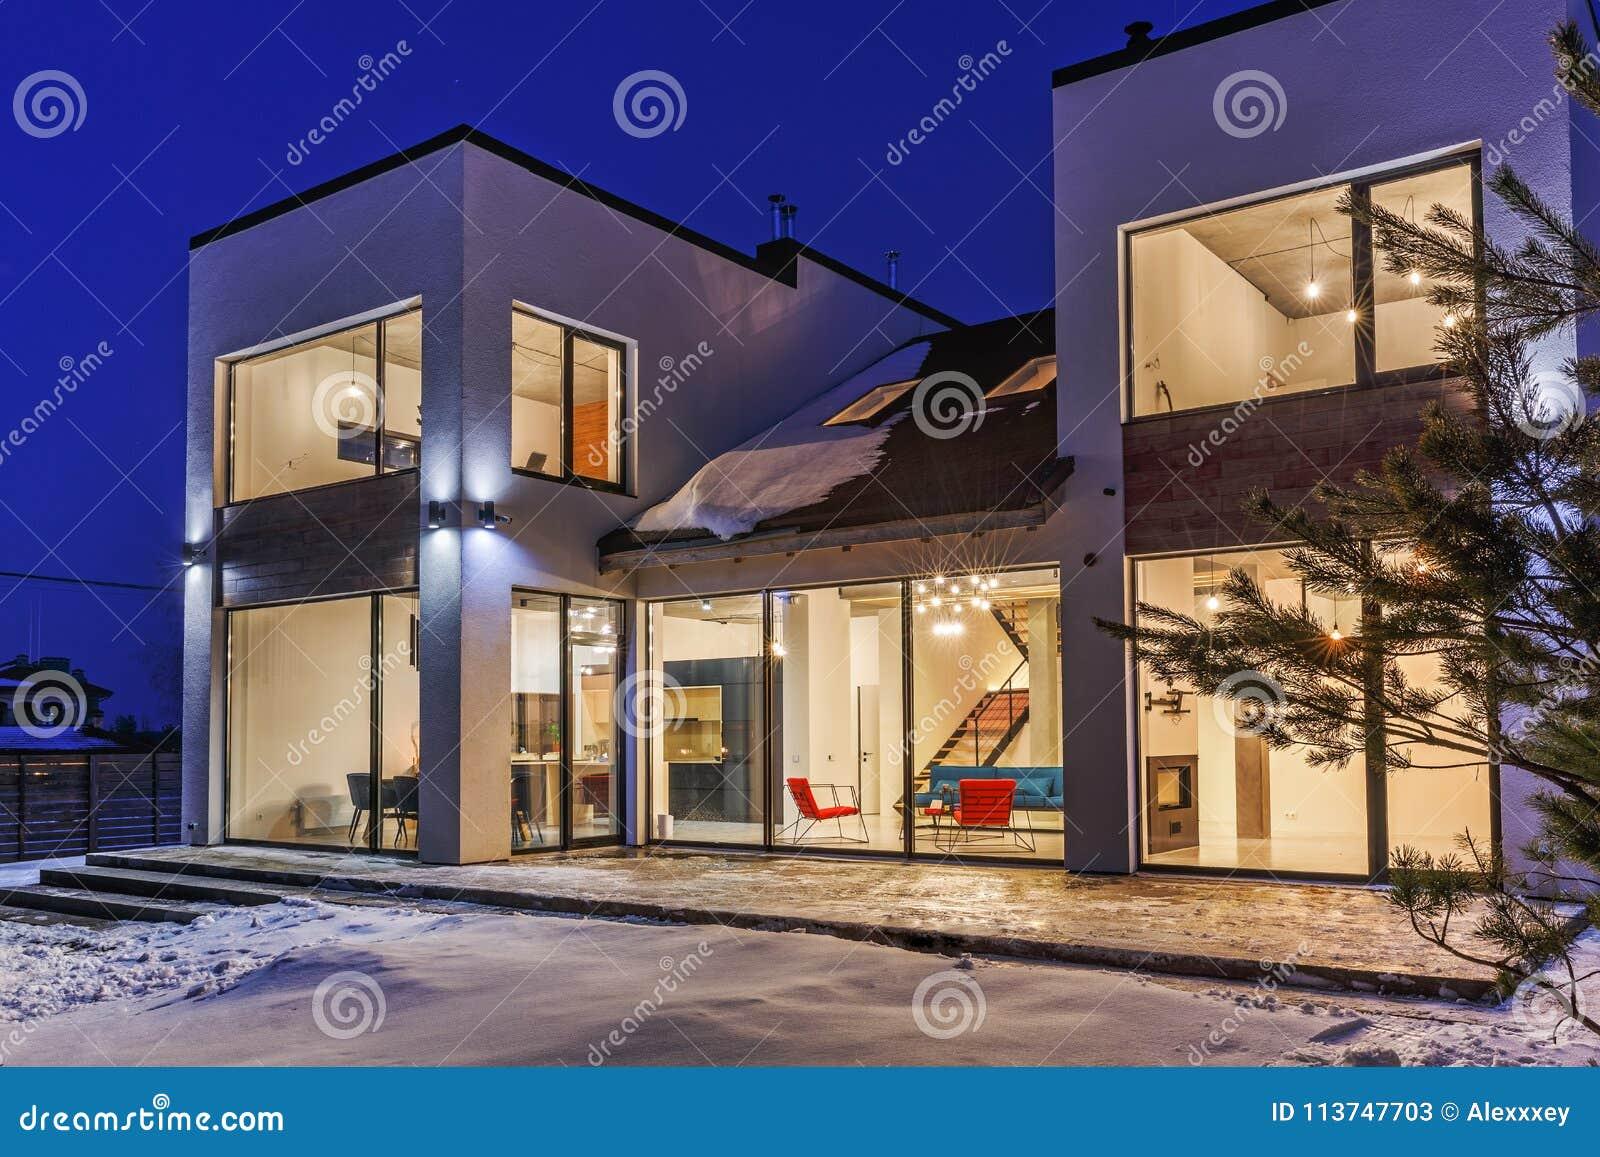 Privé huis met panoramische vensters in een moderne stijl op een rug